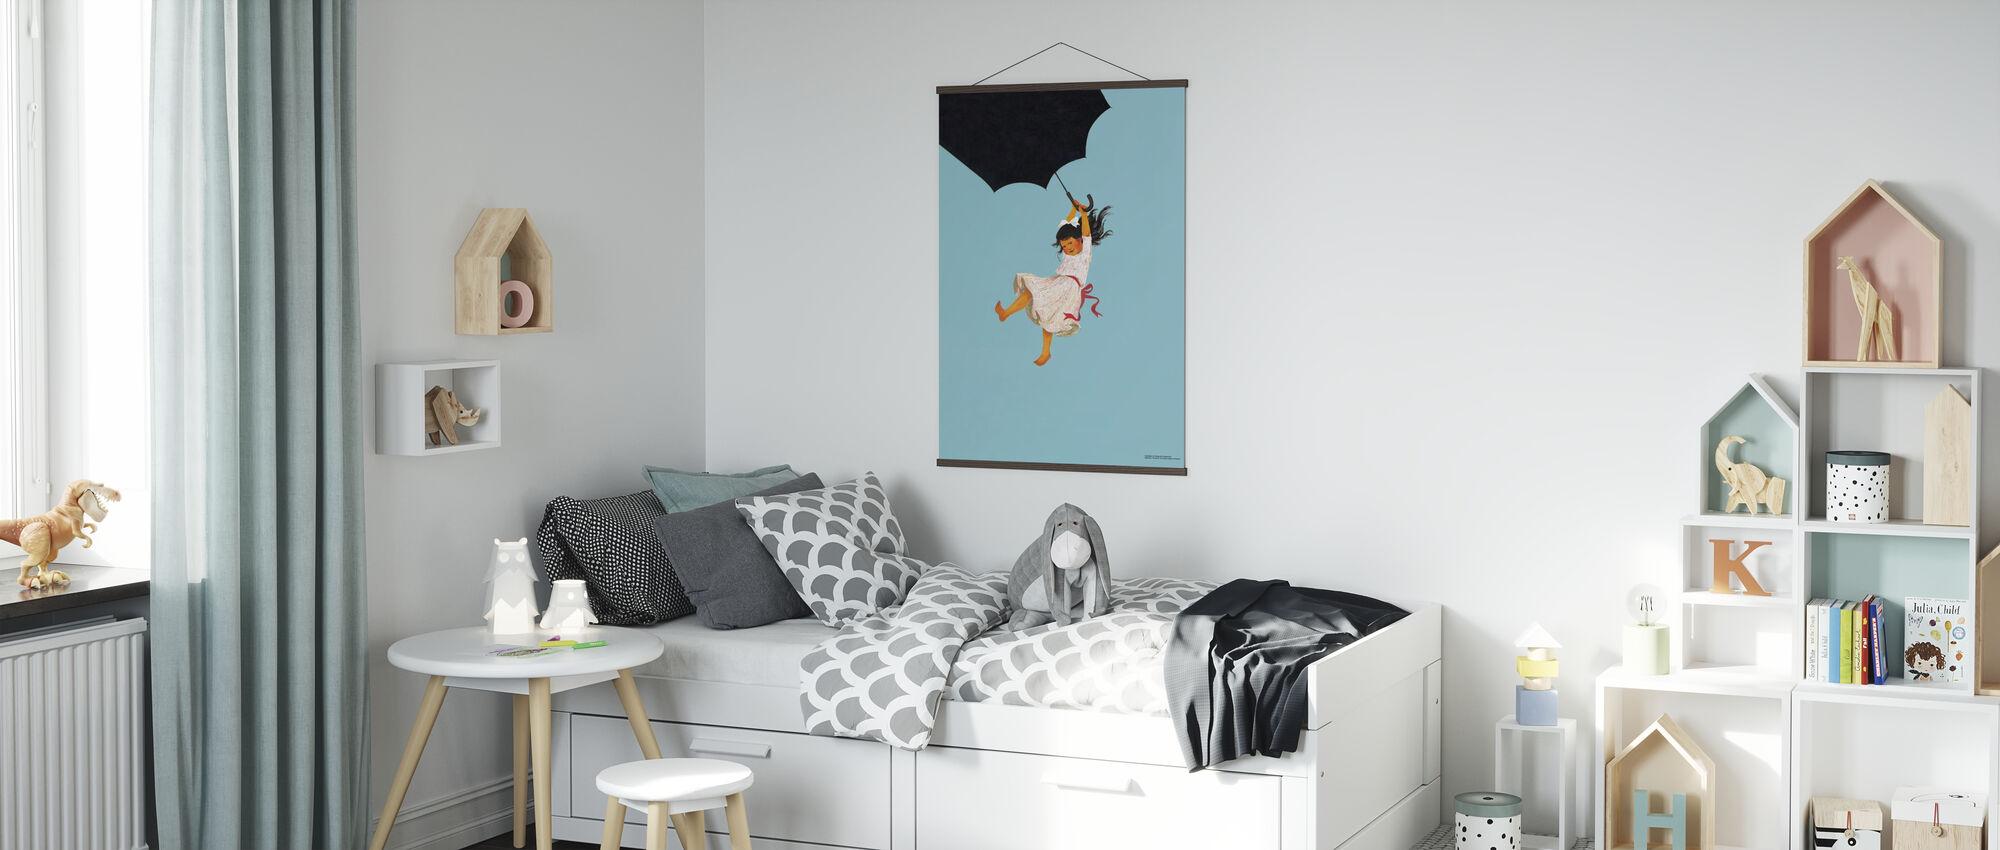 Madicken Pazzo Poliziotto - Poster - Camera dei bambini